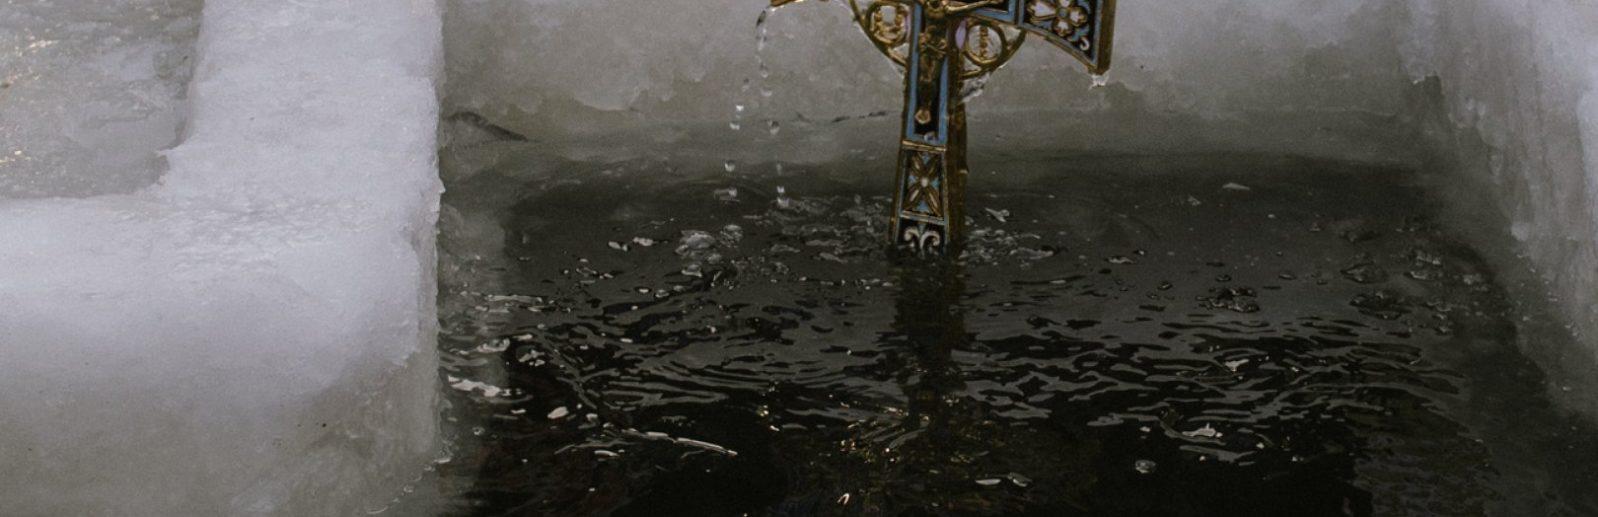 Крещенские купания в Крыму